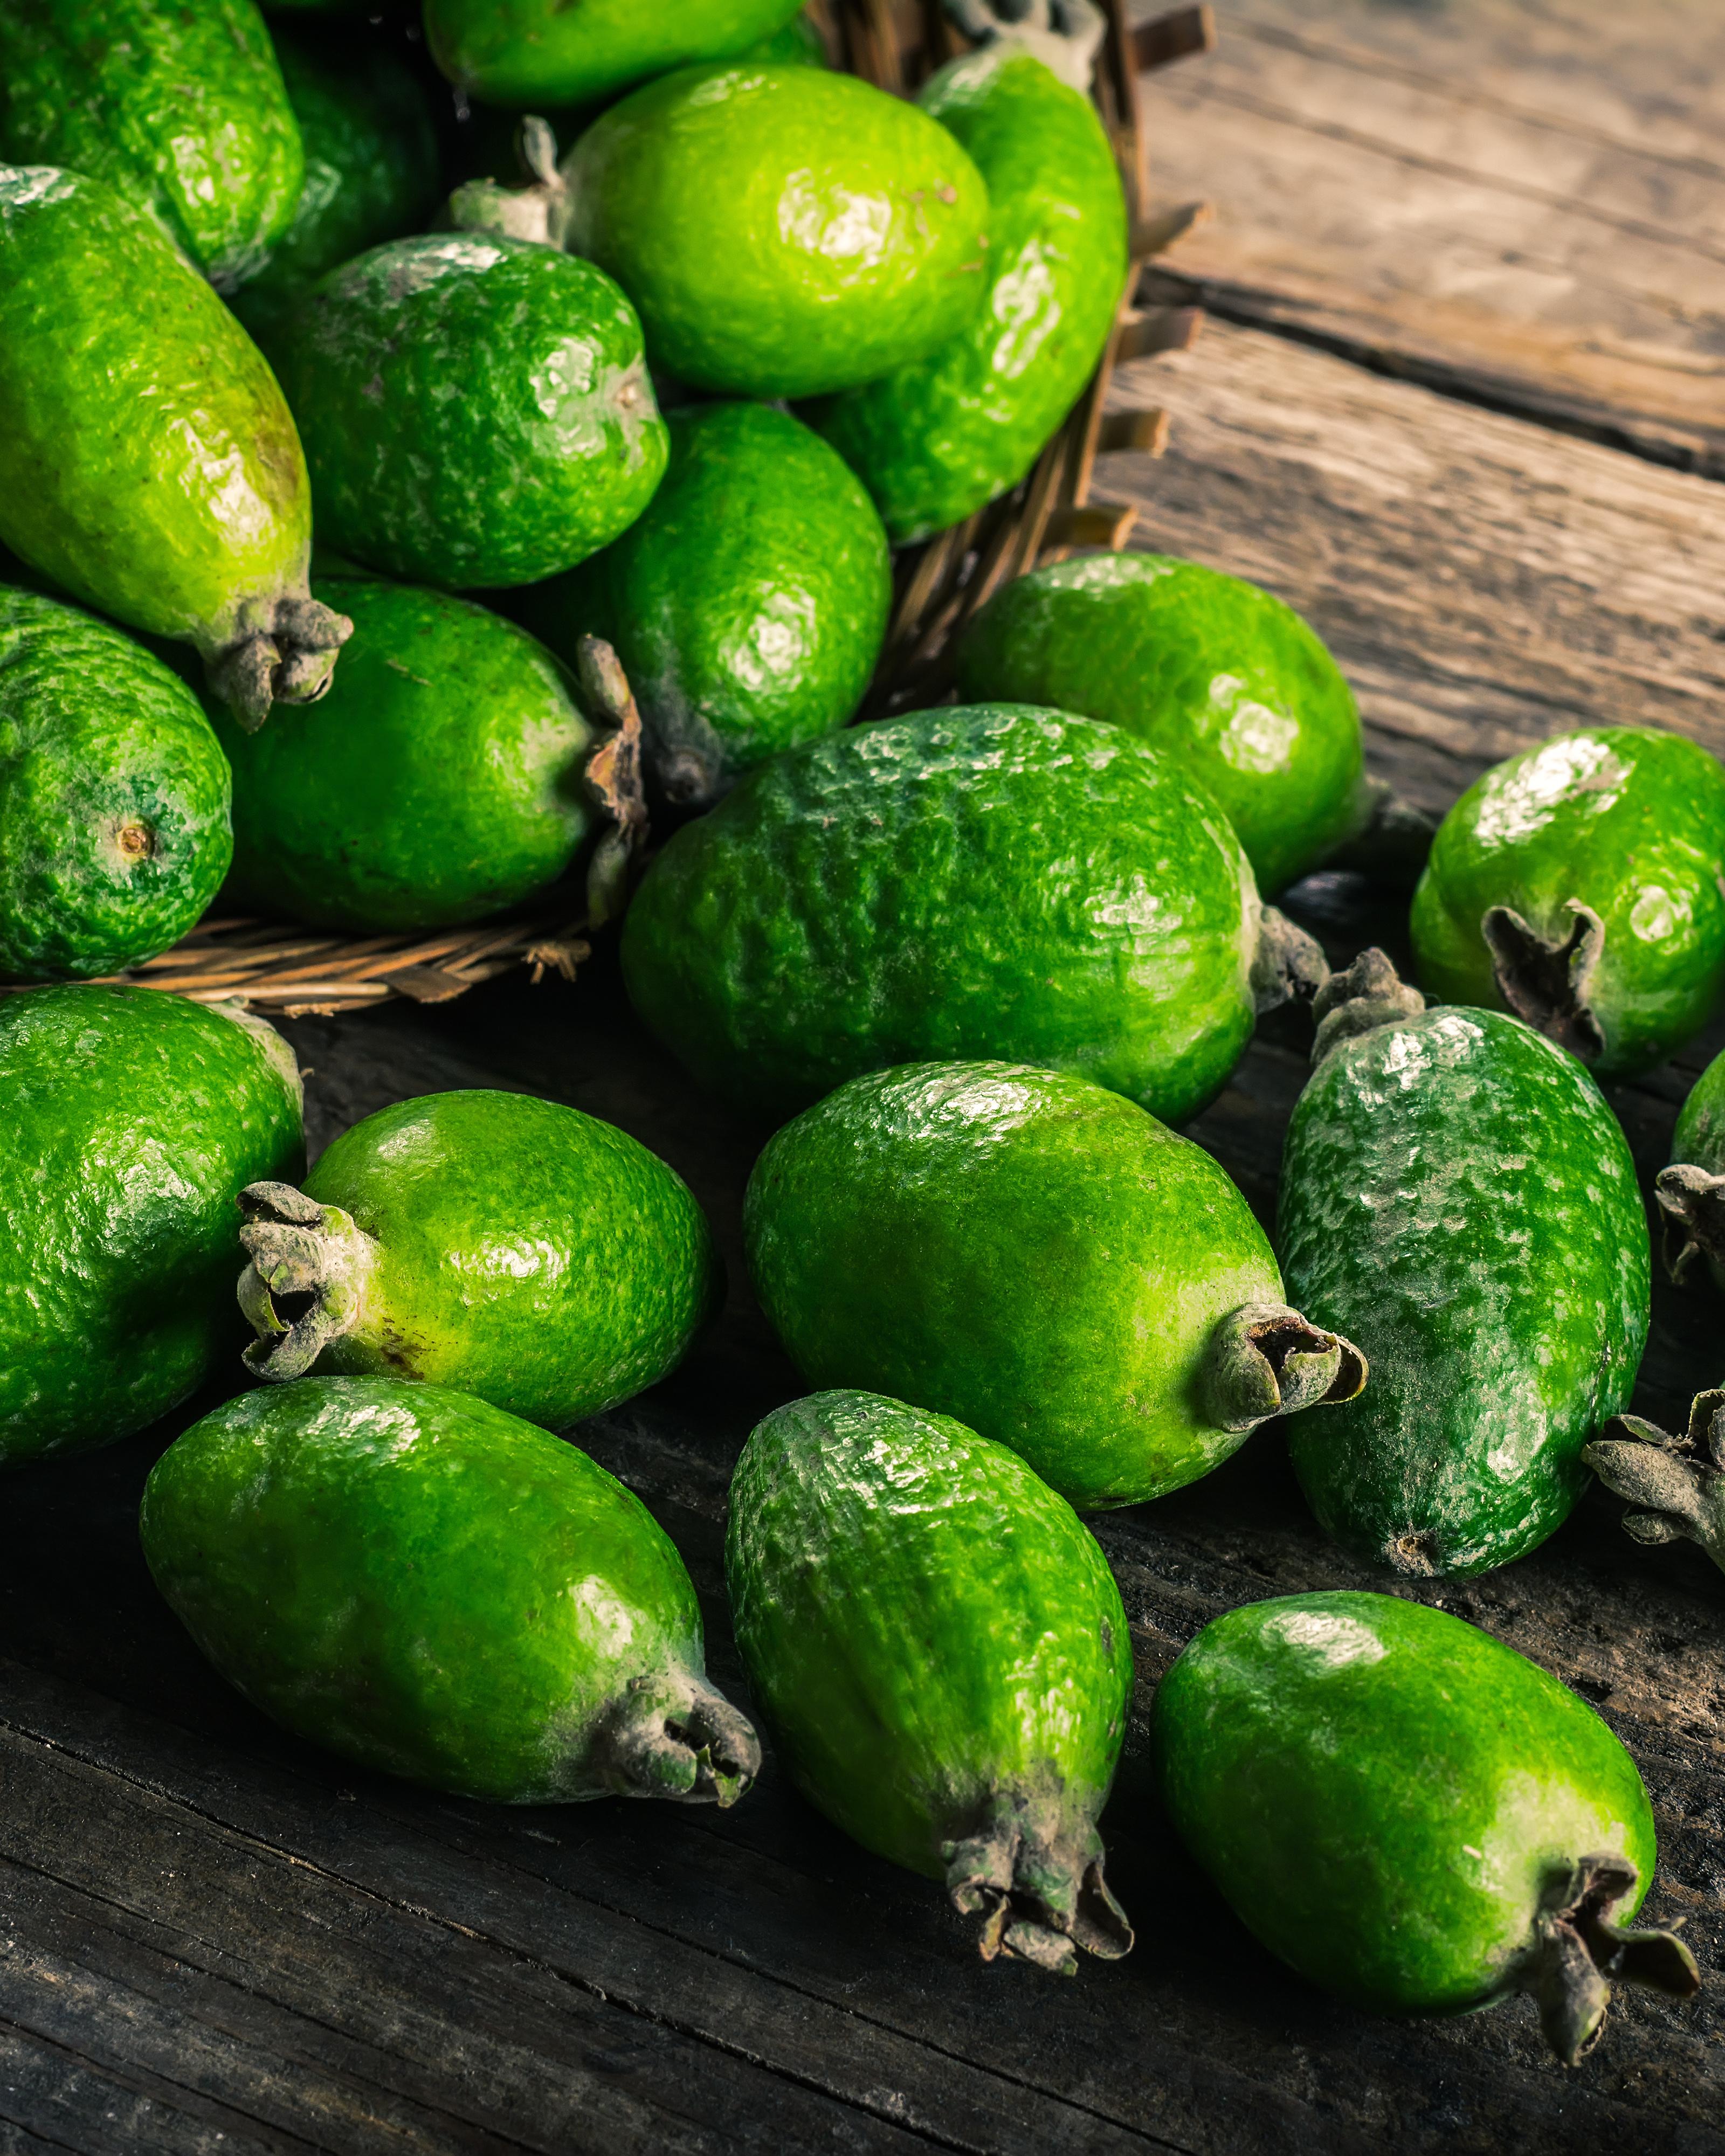 die ananas guave exot mit wundersch nen bl ten und leckeren fr chten der palmenmann. Black Bedroom Furniture Sets. Home Design Ideas